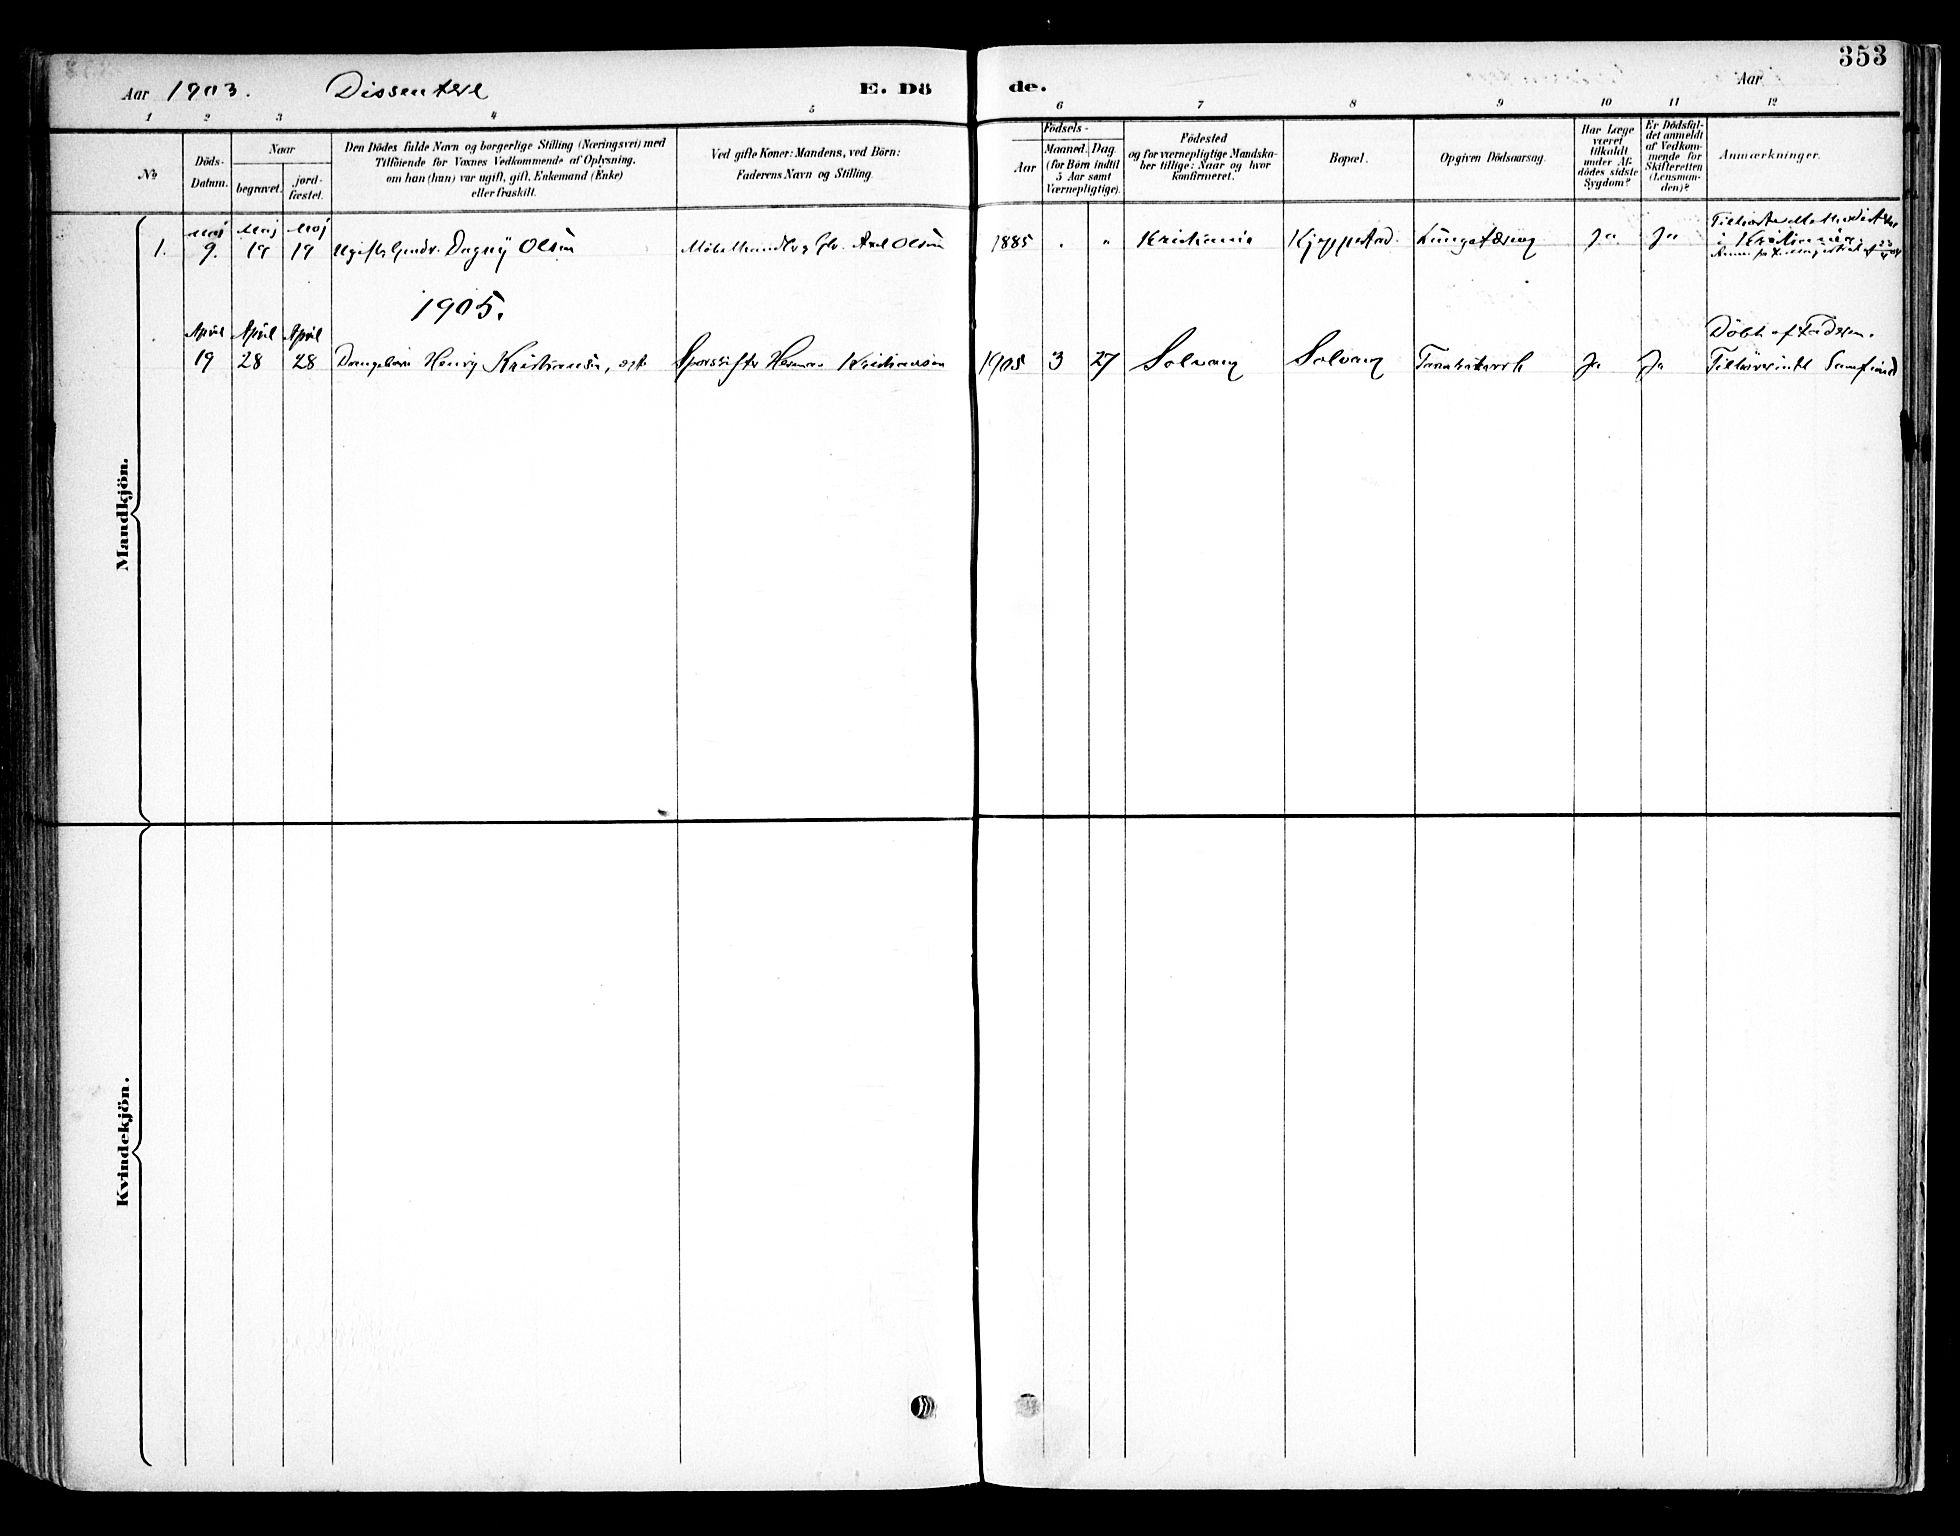 SAO, Kråkstad prestekontor Kirkebøker, F/Fb/L0002: Ministerialbok nr. II 2, 1893-1917, s. 353